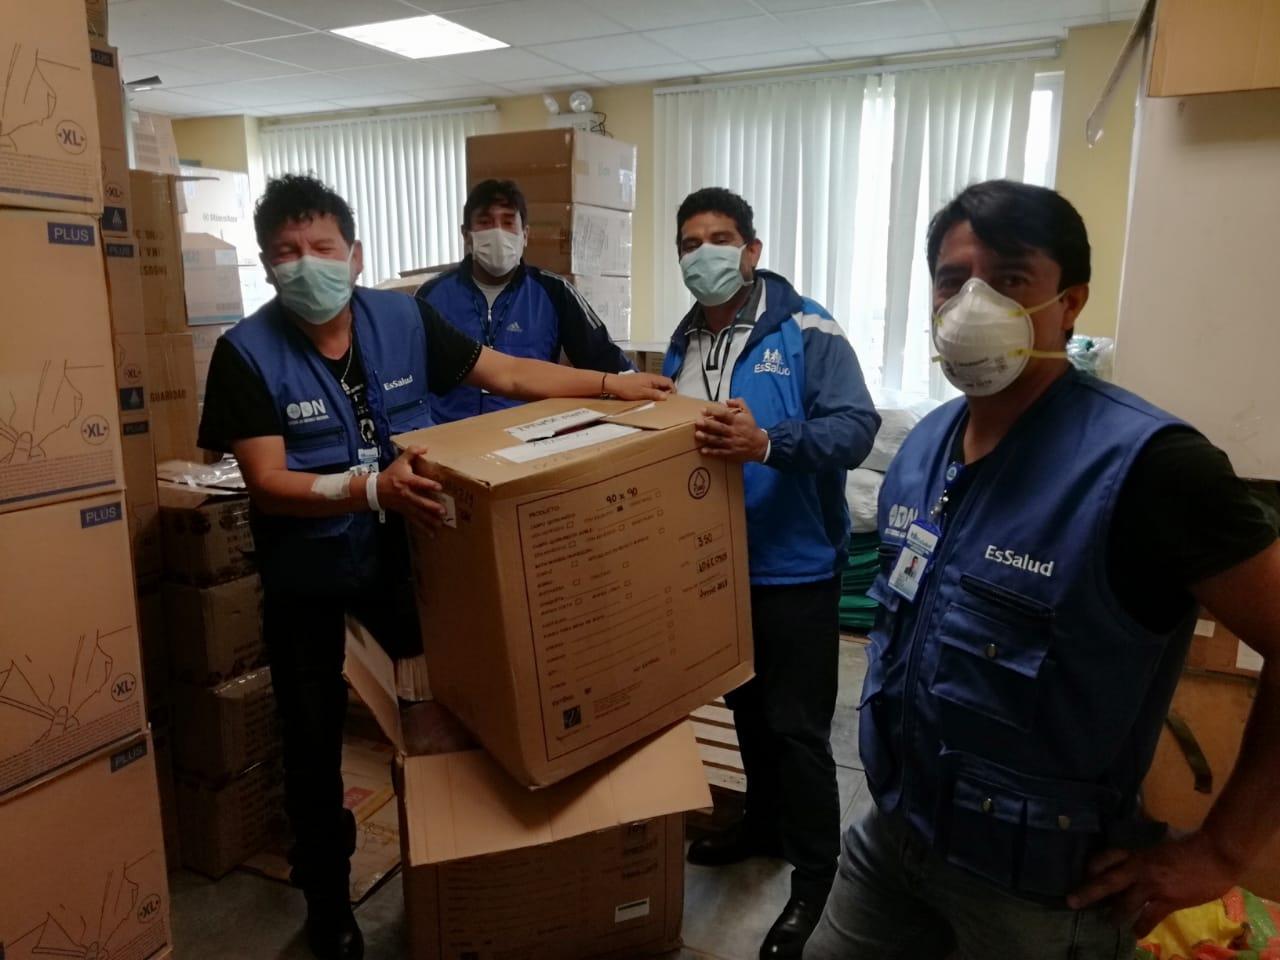 Essalud - EsSalud Apurímac recibe equipos de protección para sus trabajadores asistenciales